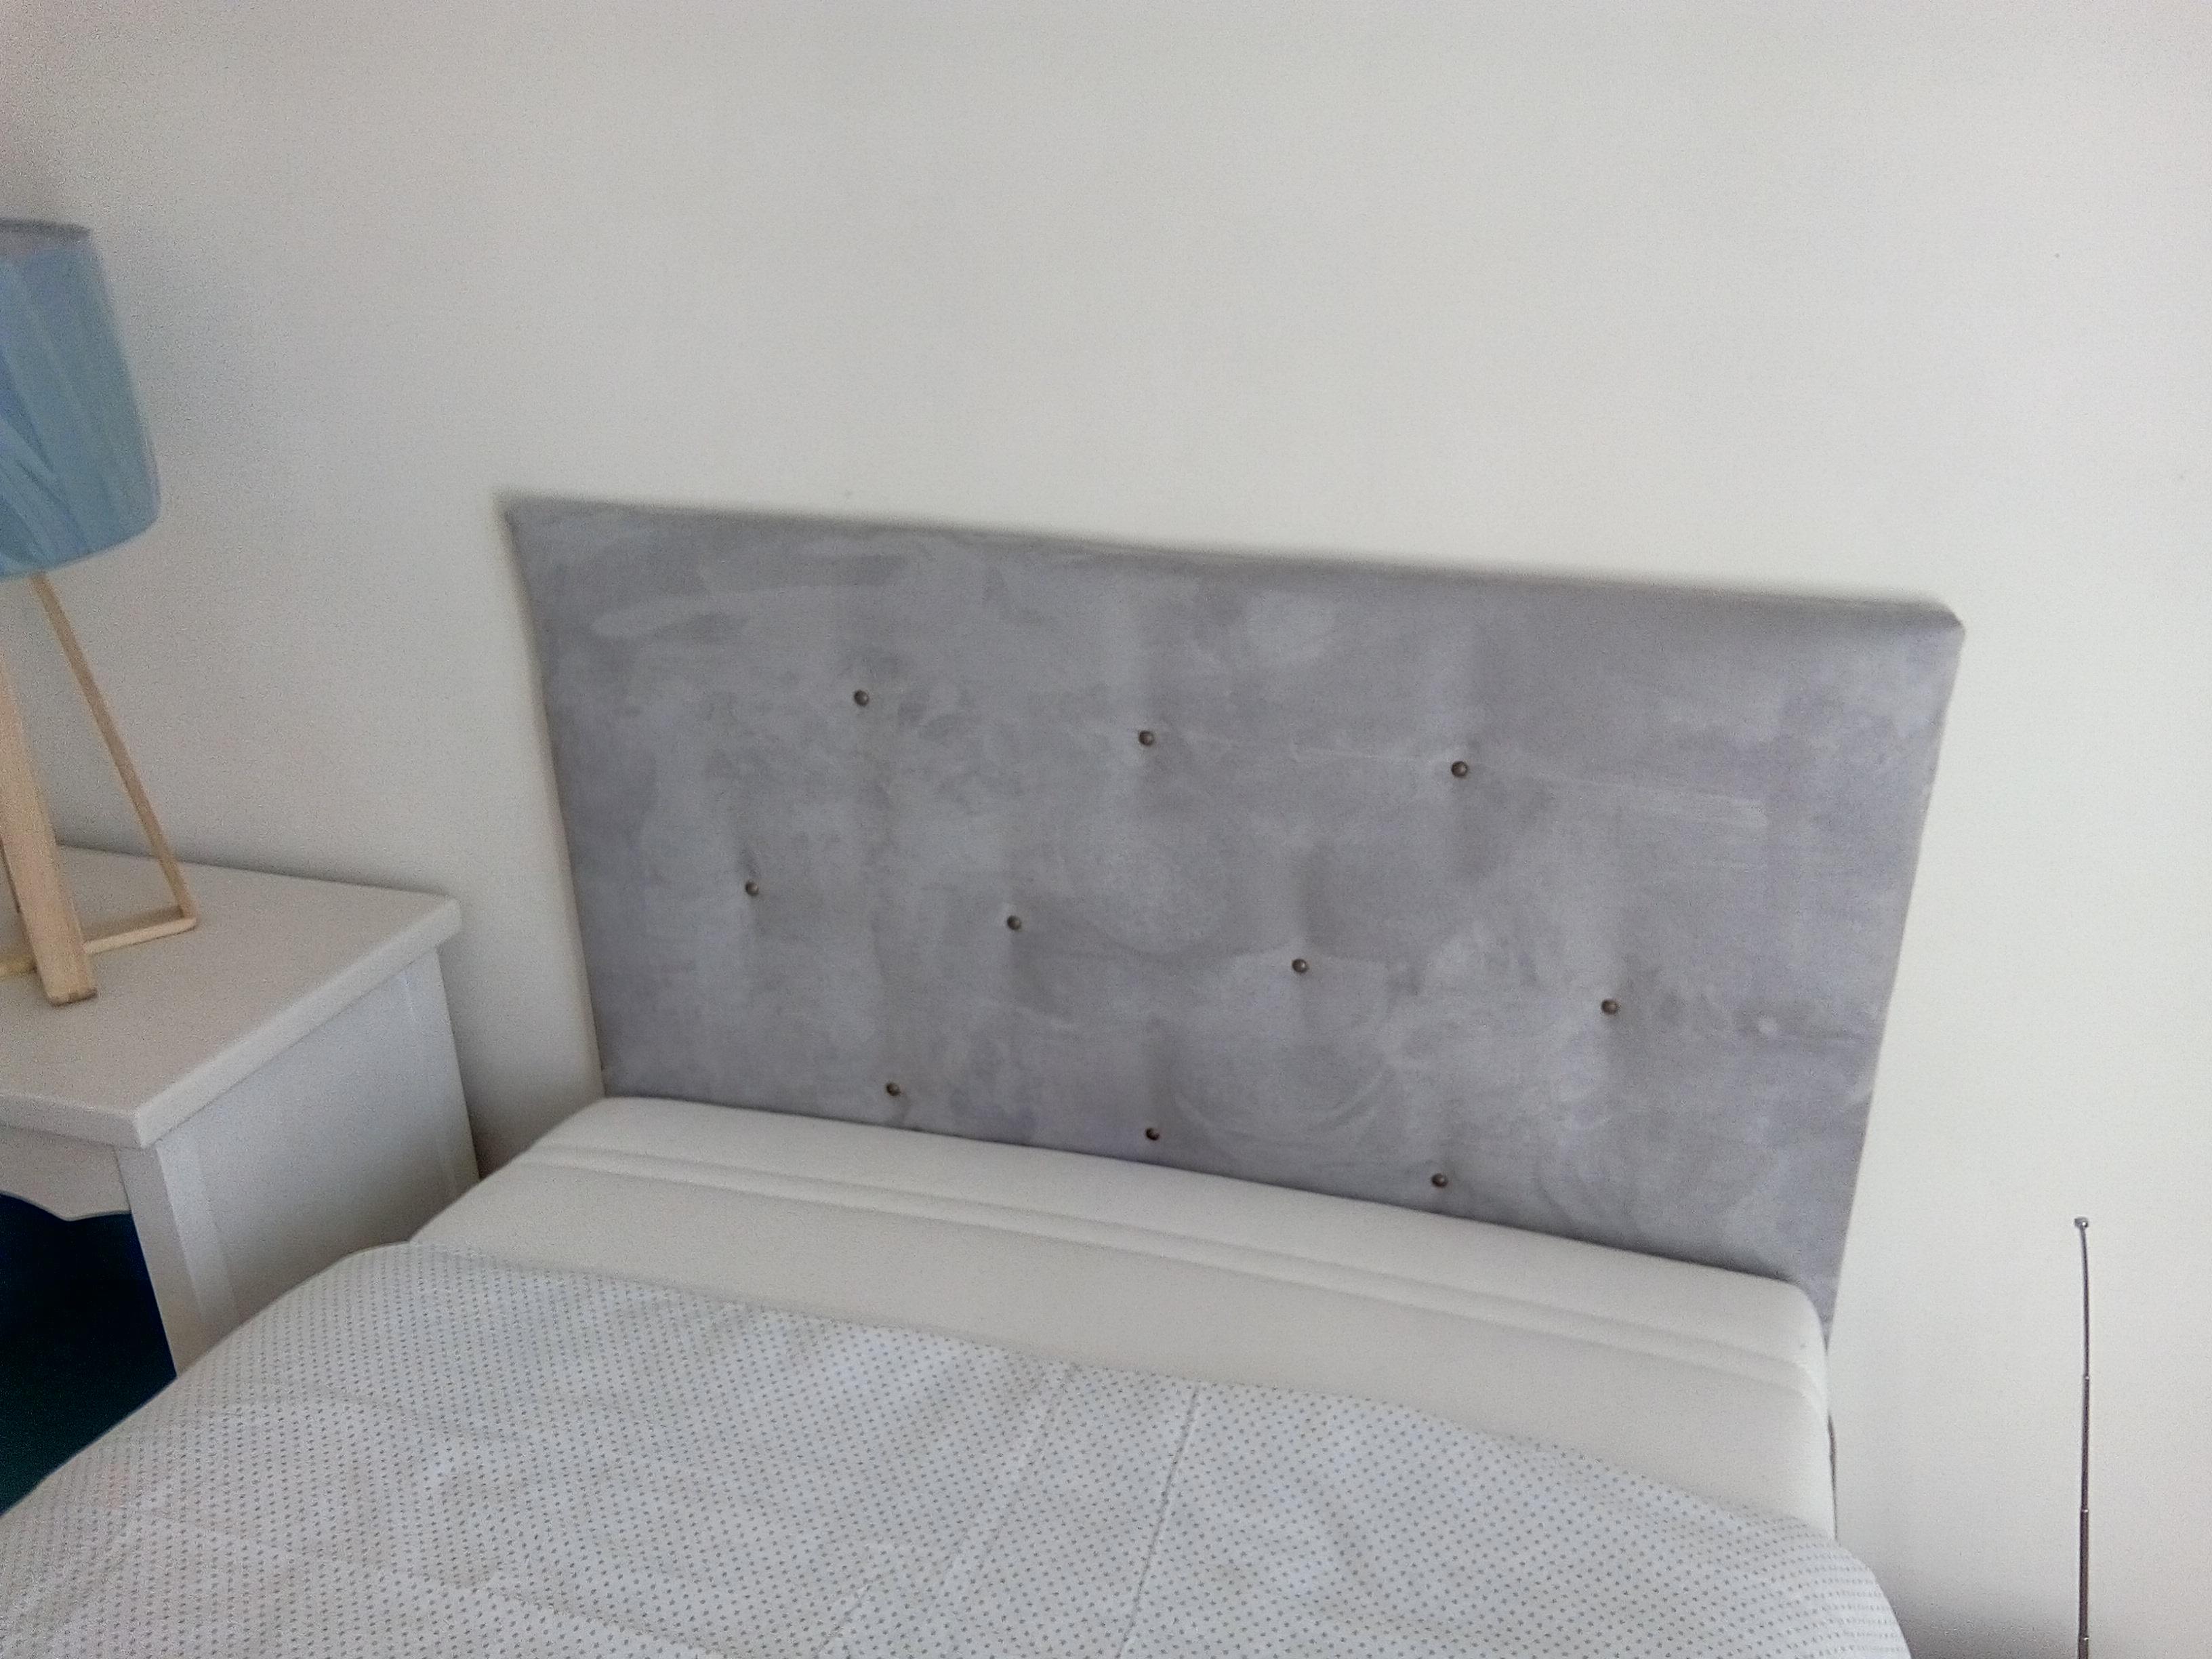 tete de lit en carton amazing modele tete de lit montpellier carton phenomenal tetes de lits. Black Bedroom Furniture Sets. Home Design Ideas